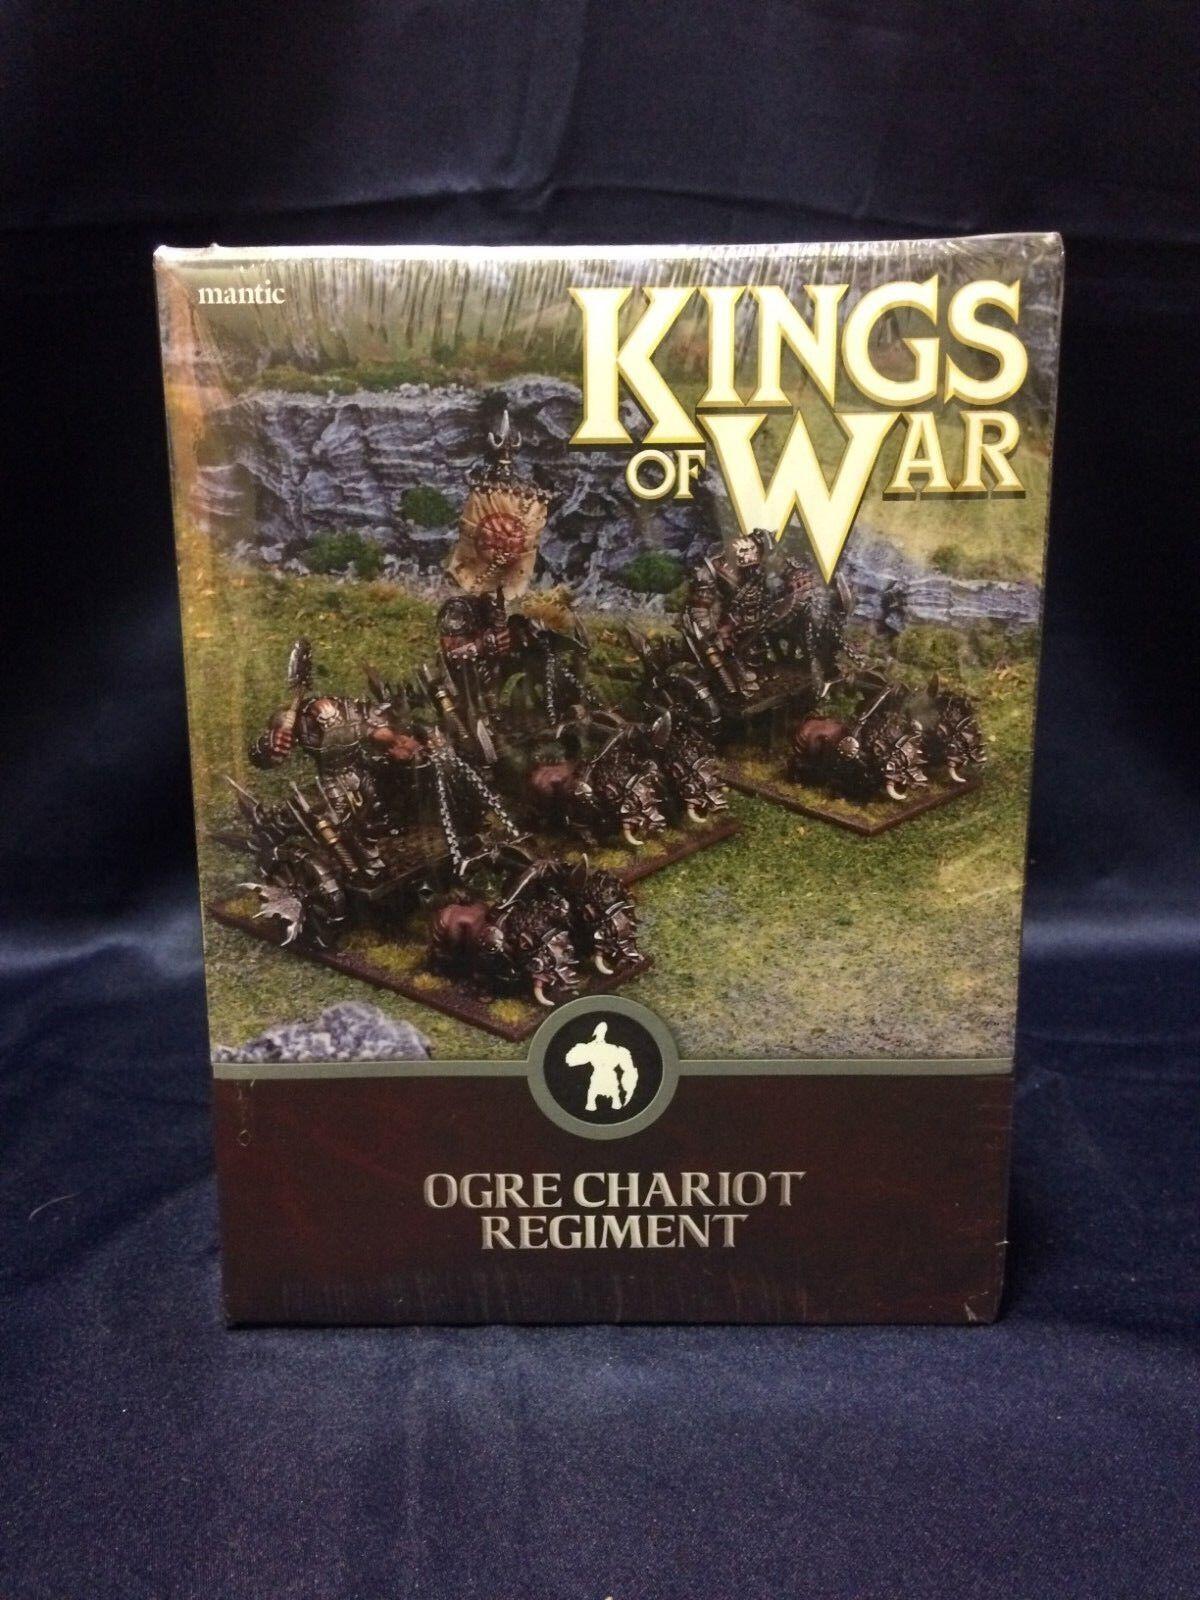 Kings of War Ogre Chariot Regiment Miniature